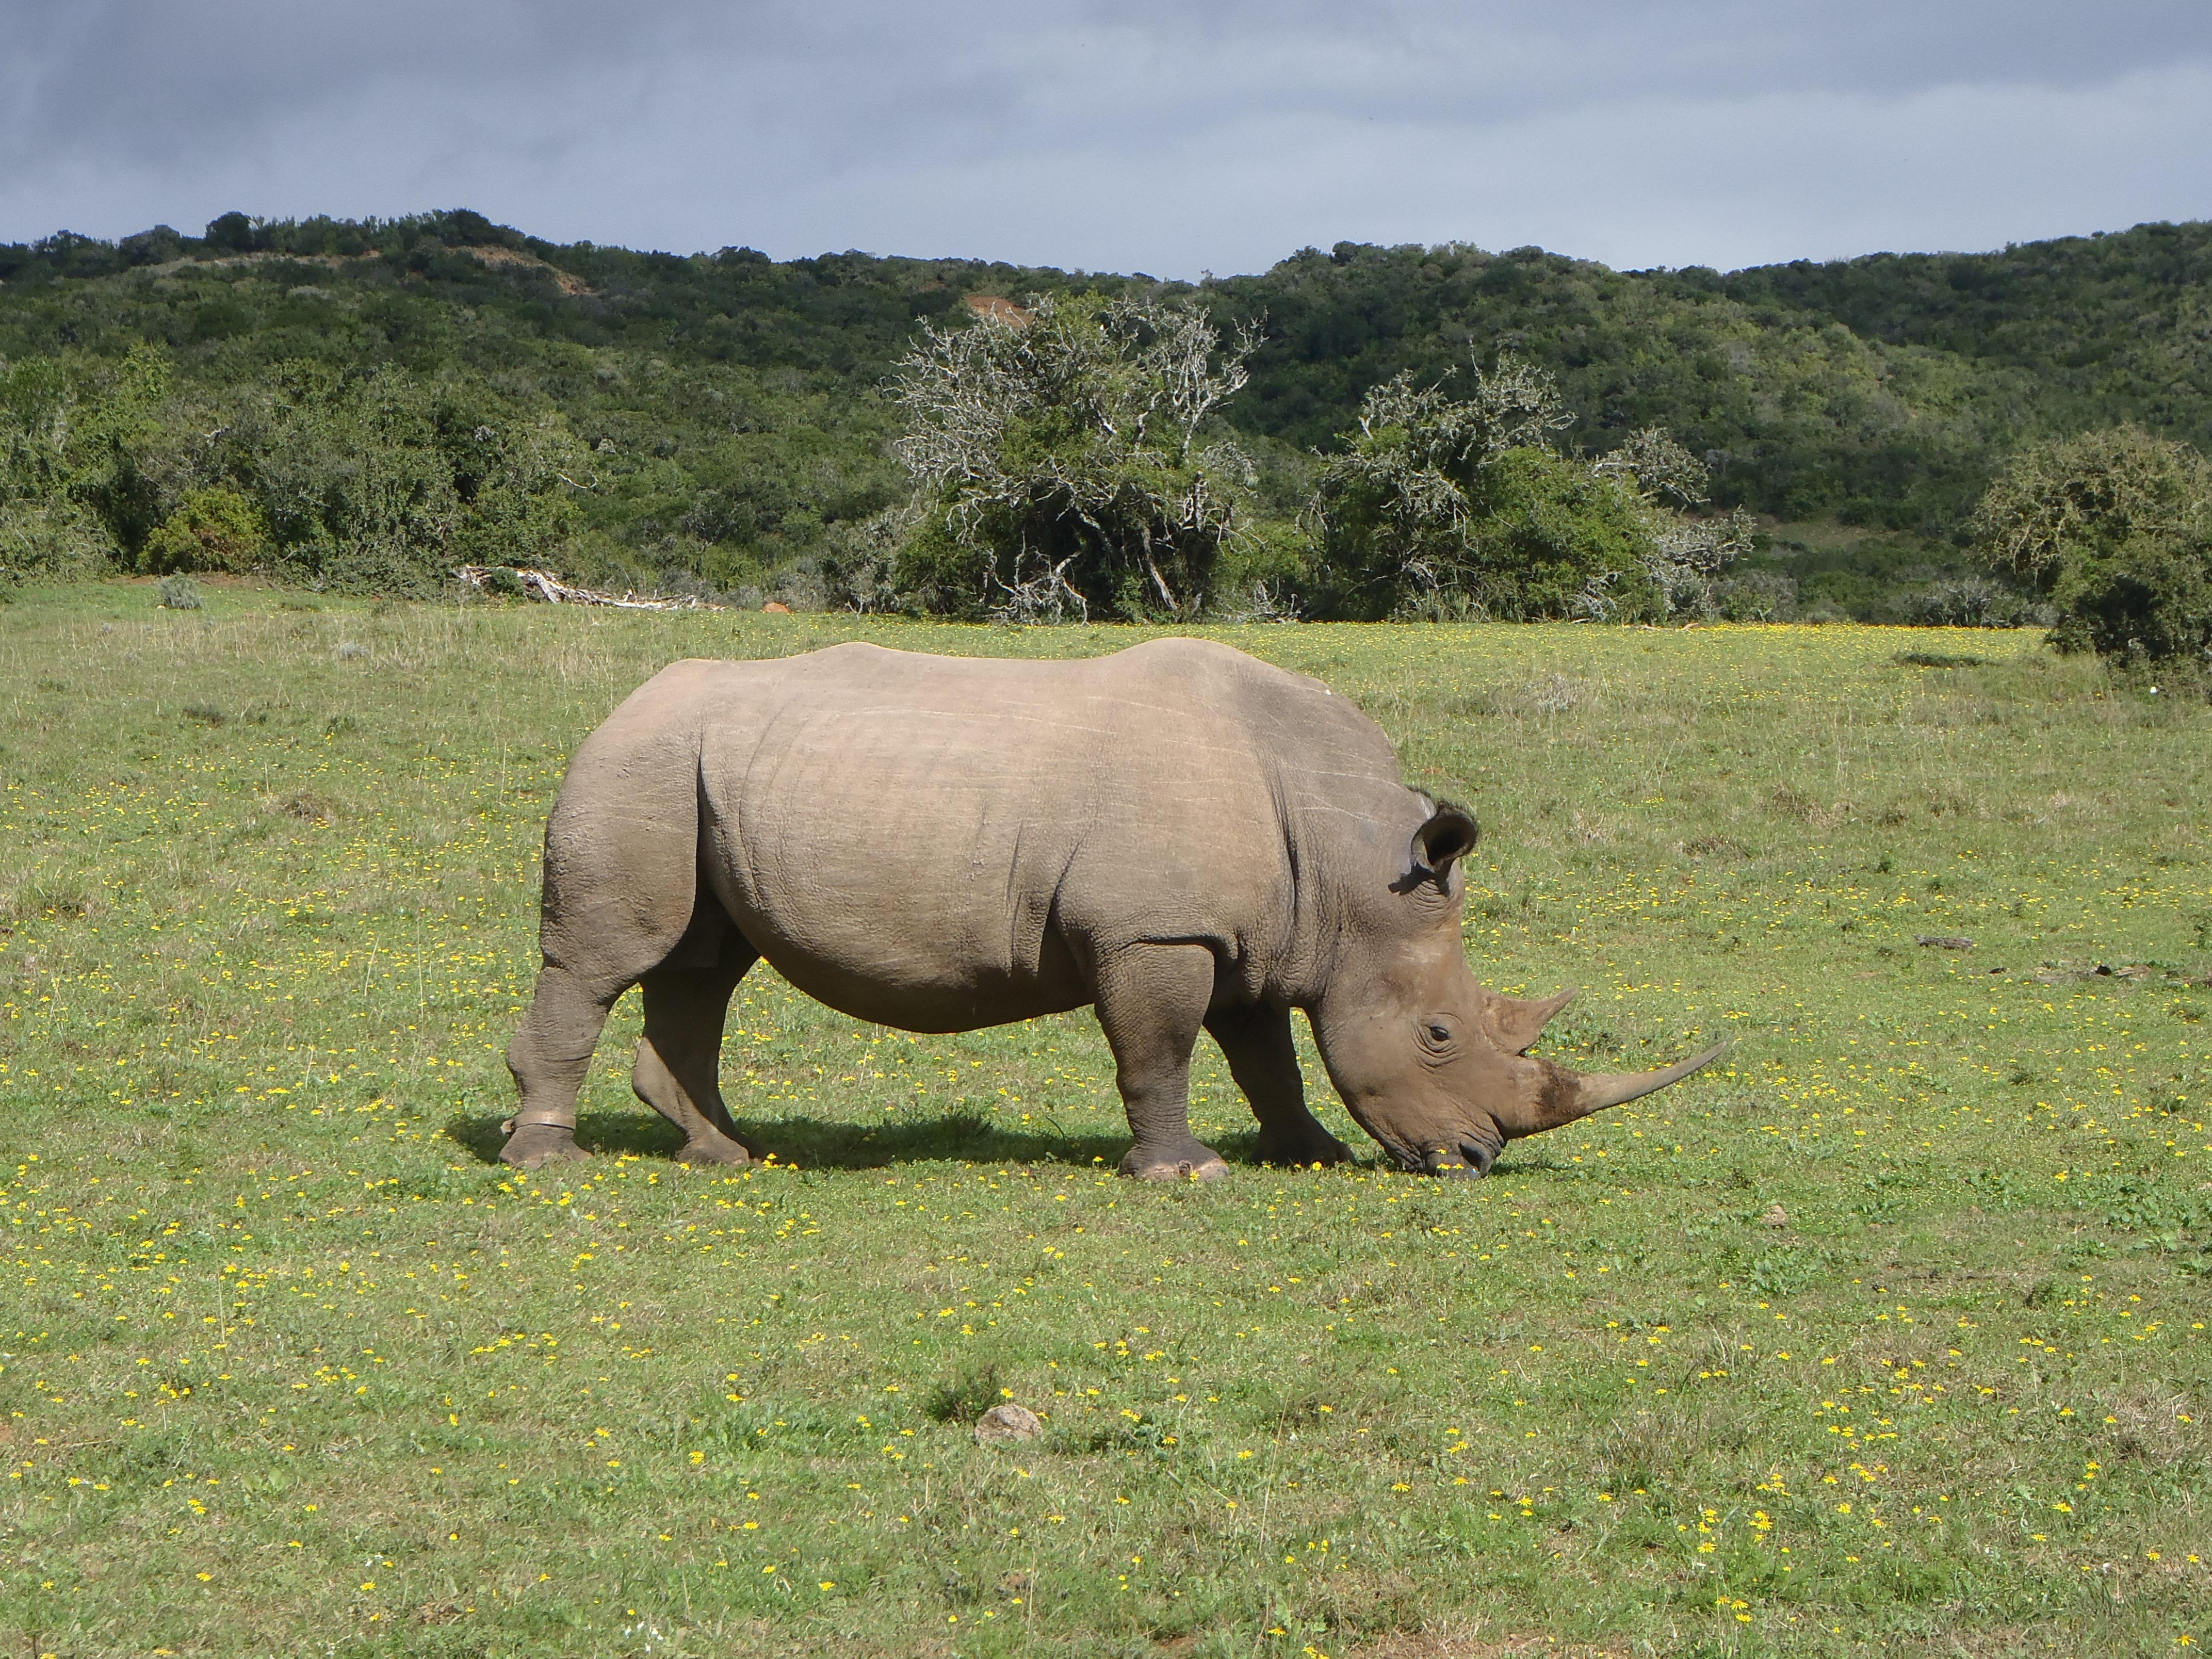 Rhino grazing at the Shamwari Conservation Experience